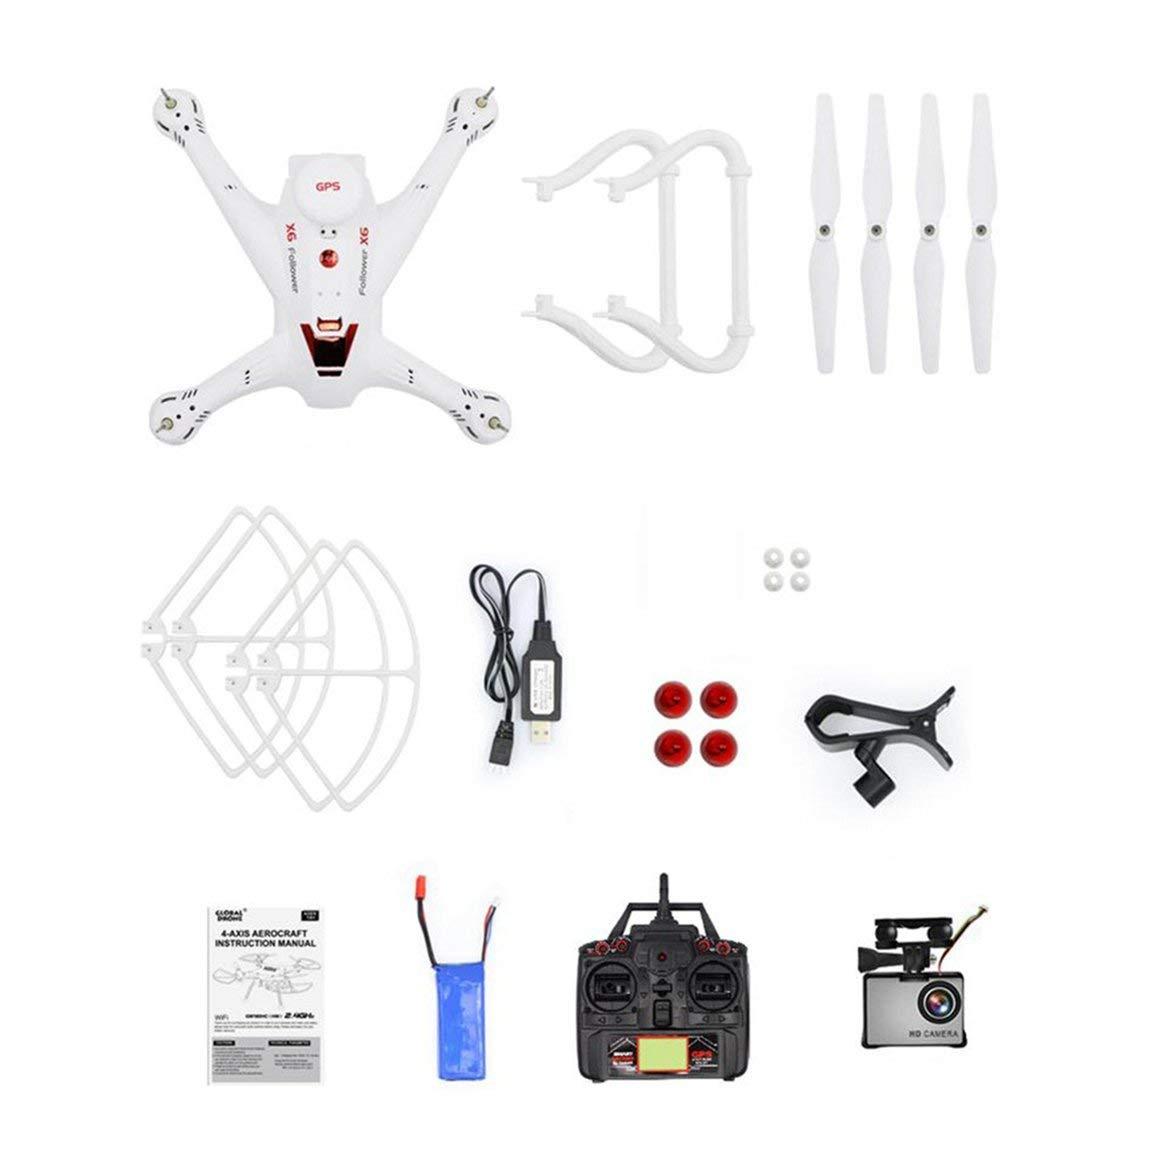 Delicacydex X183S RC Drohne mit 720P 5G Kamera Headless Modus Höhe Halten Sie eine Taste Return Mini Fernbedienung GPS Quadrocopter - Weiß